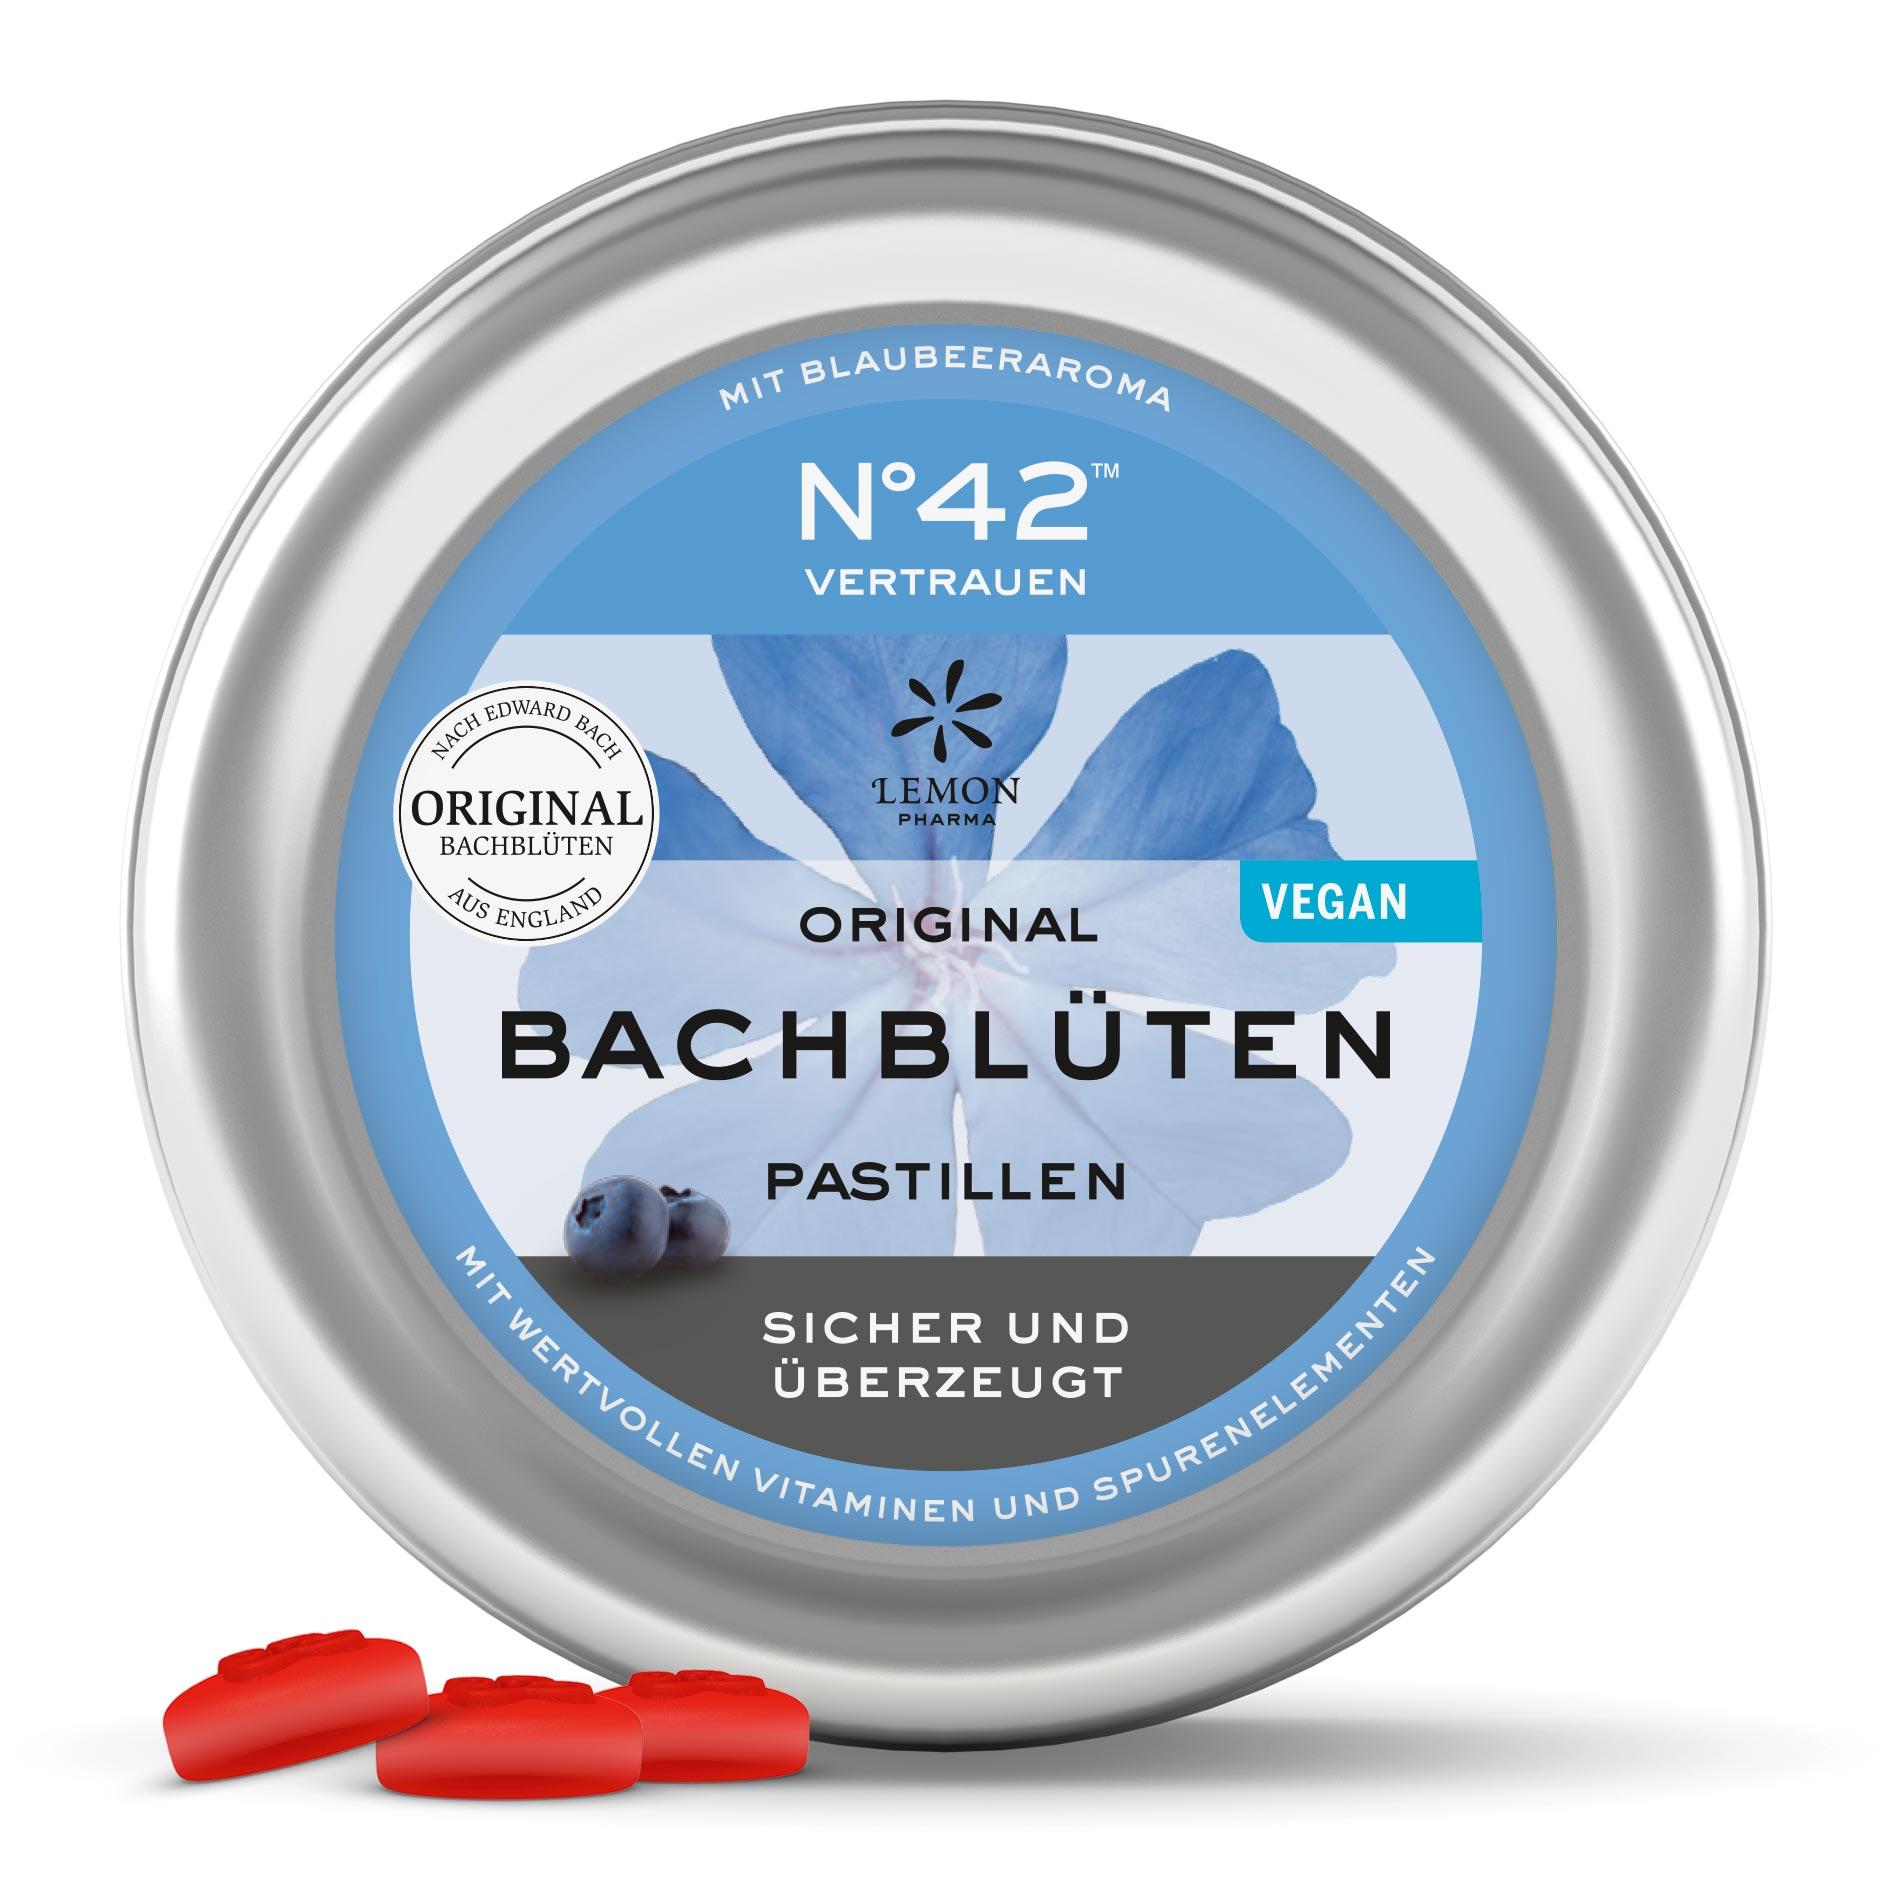 Lemon Pharma Original Bachblüten Nr 42 Vertrauen Pastillen Sicher und überzeugt Murnauers